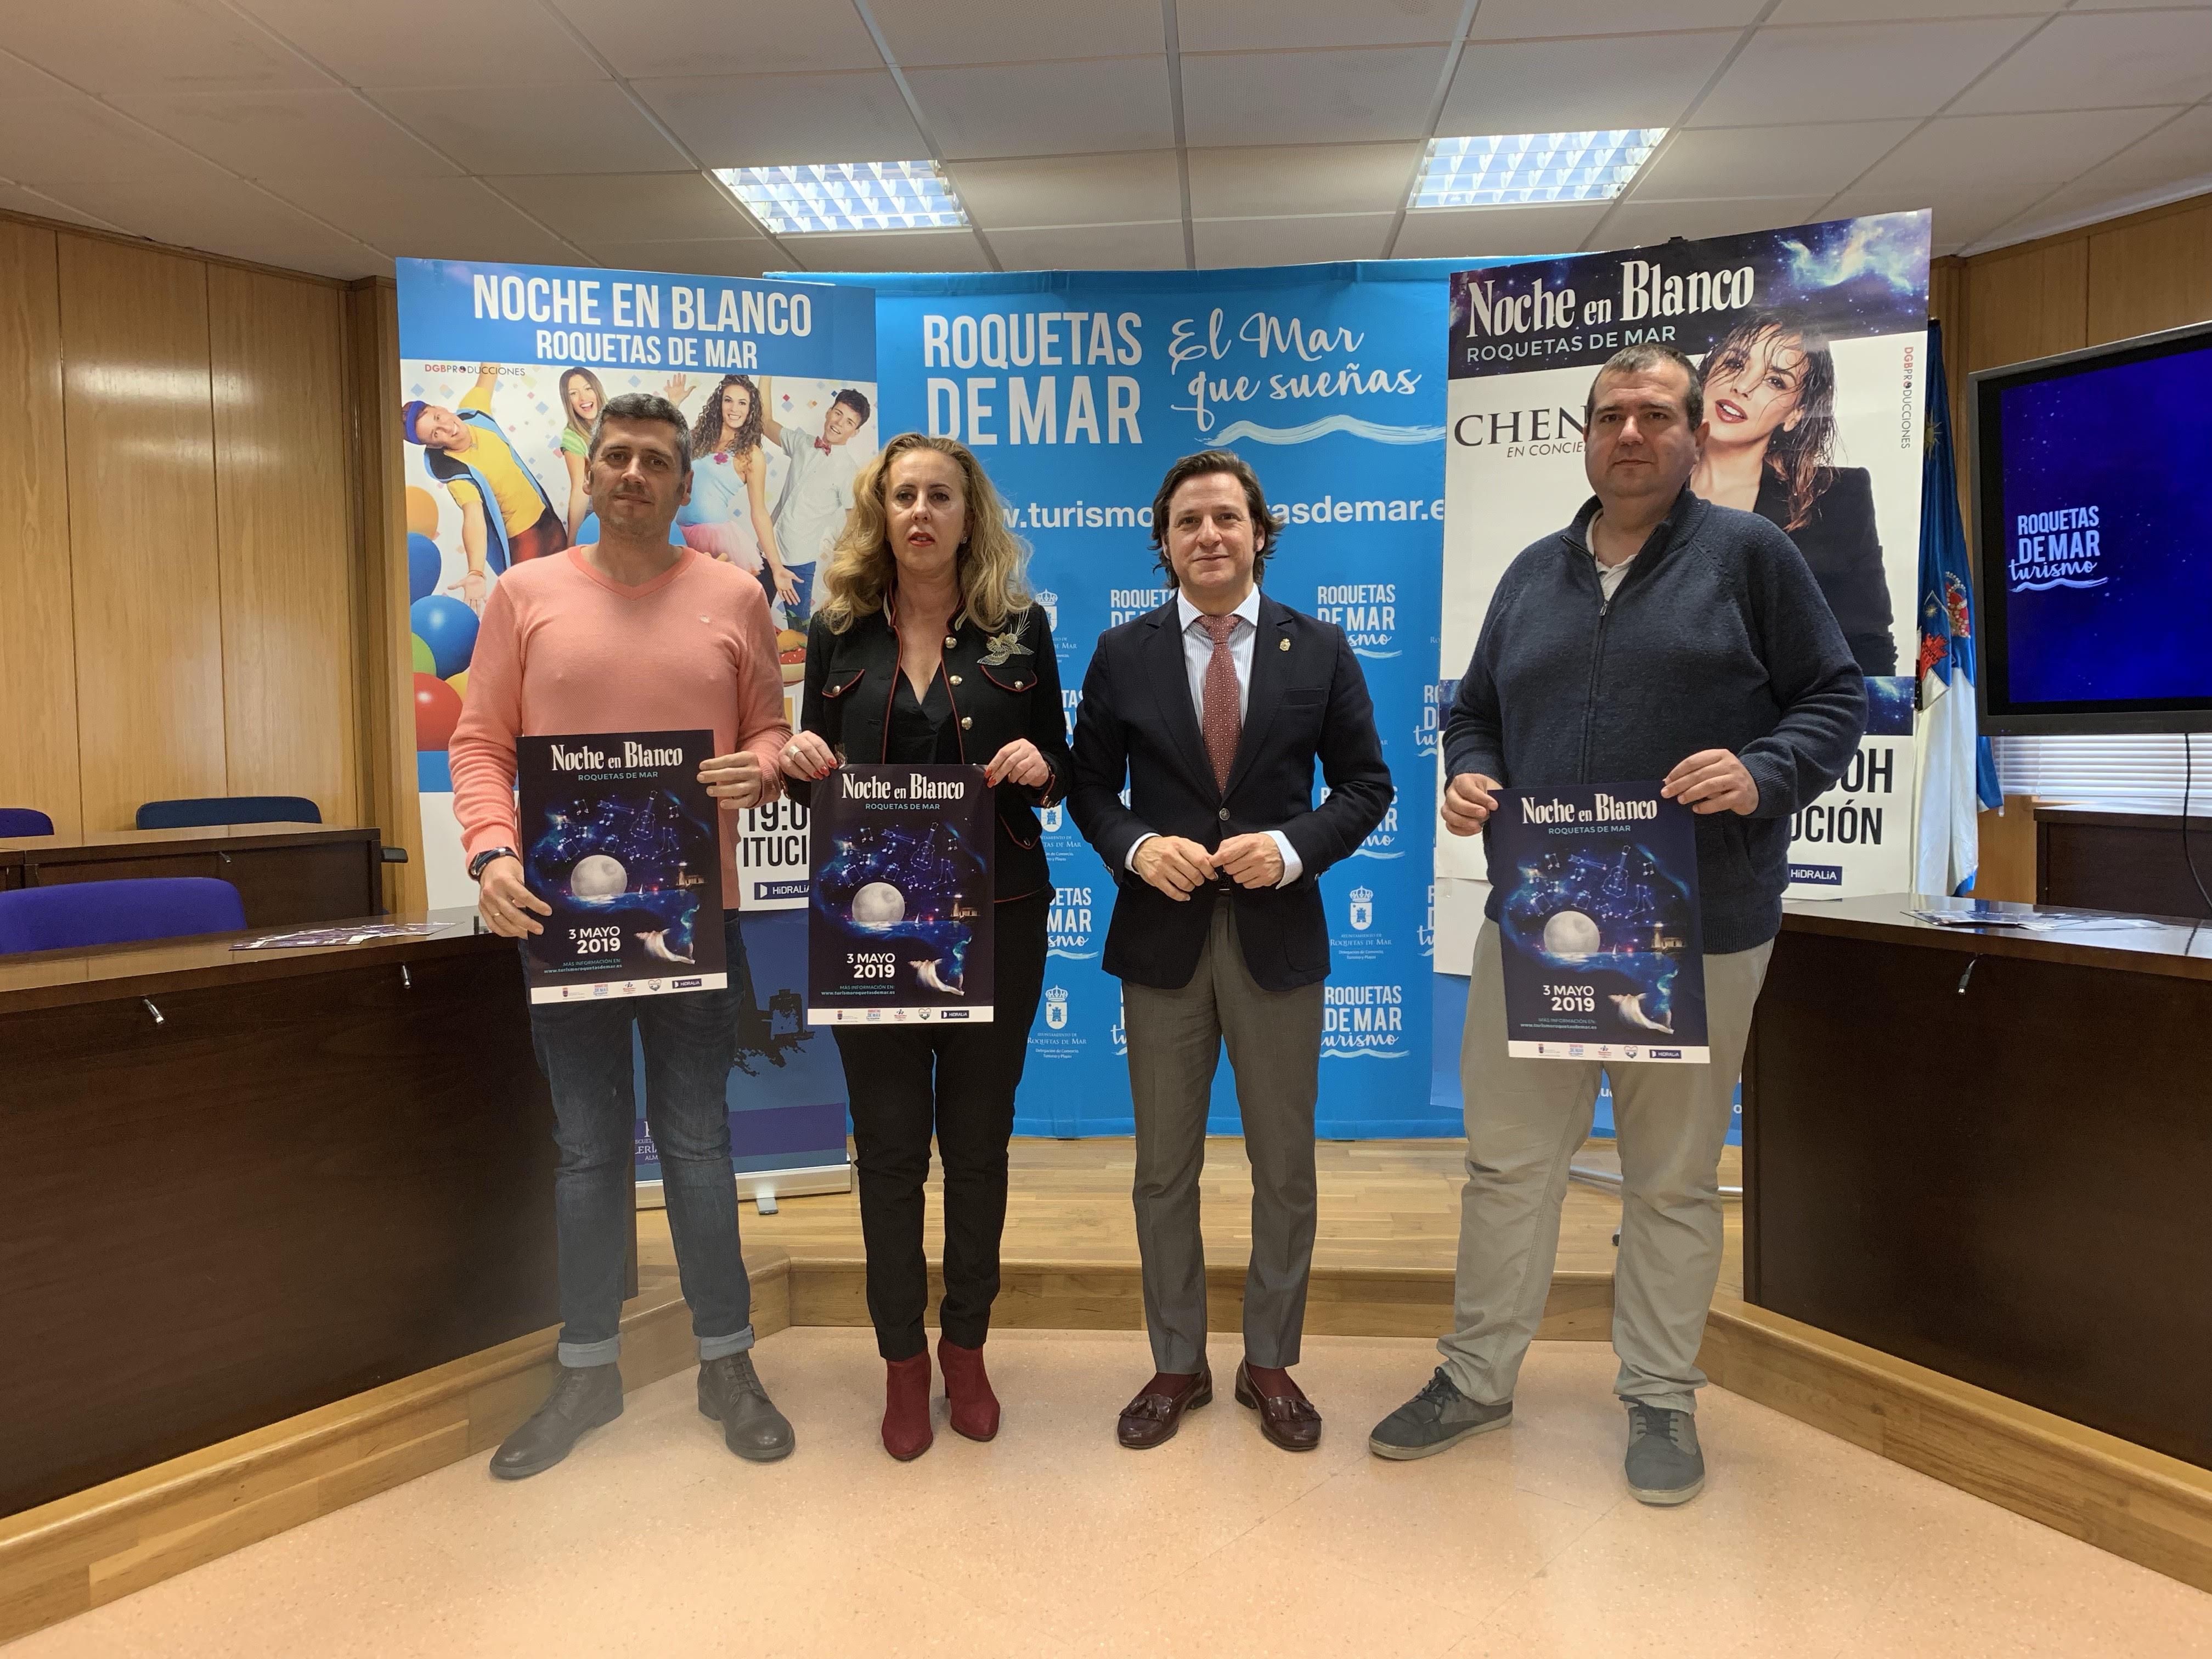 """Roquetas de Mar celebrará la IV edición de la """"Noche en Blanco"""" con actividades y espectáculos para todos"""